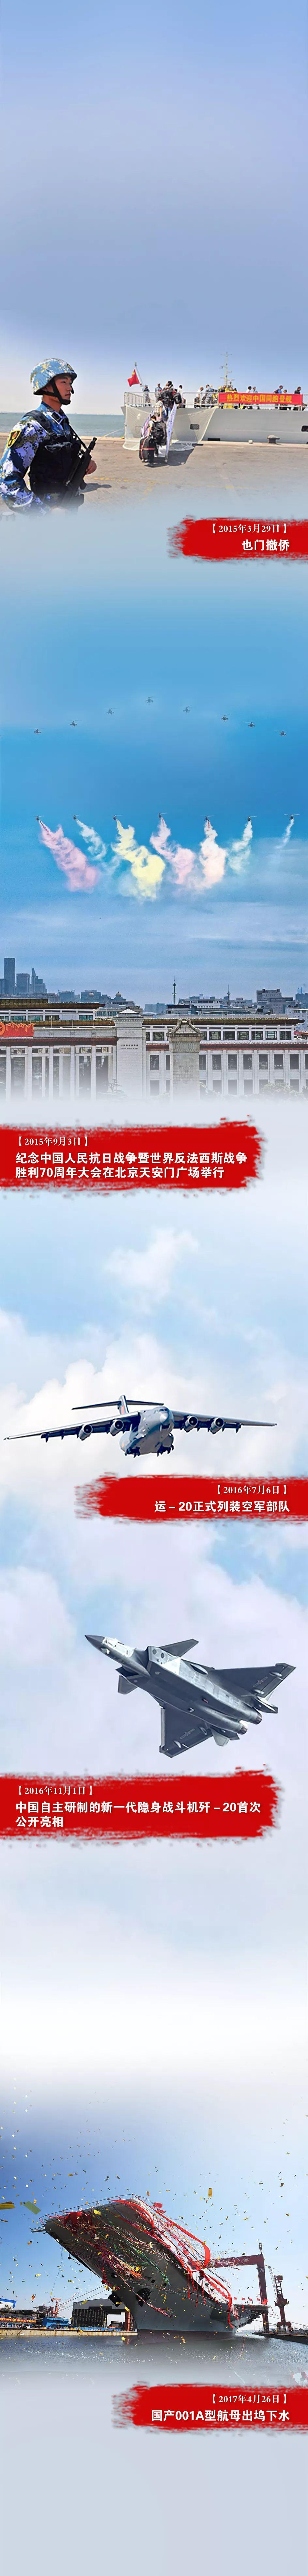 中国军队的这些提气时刻,随手一截都是壁纸!